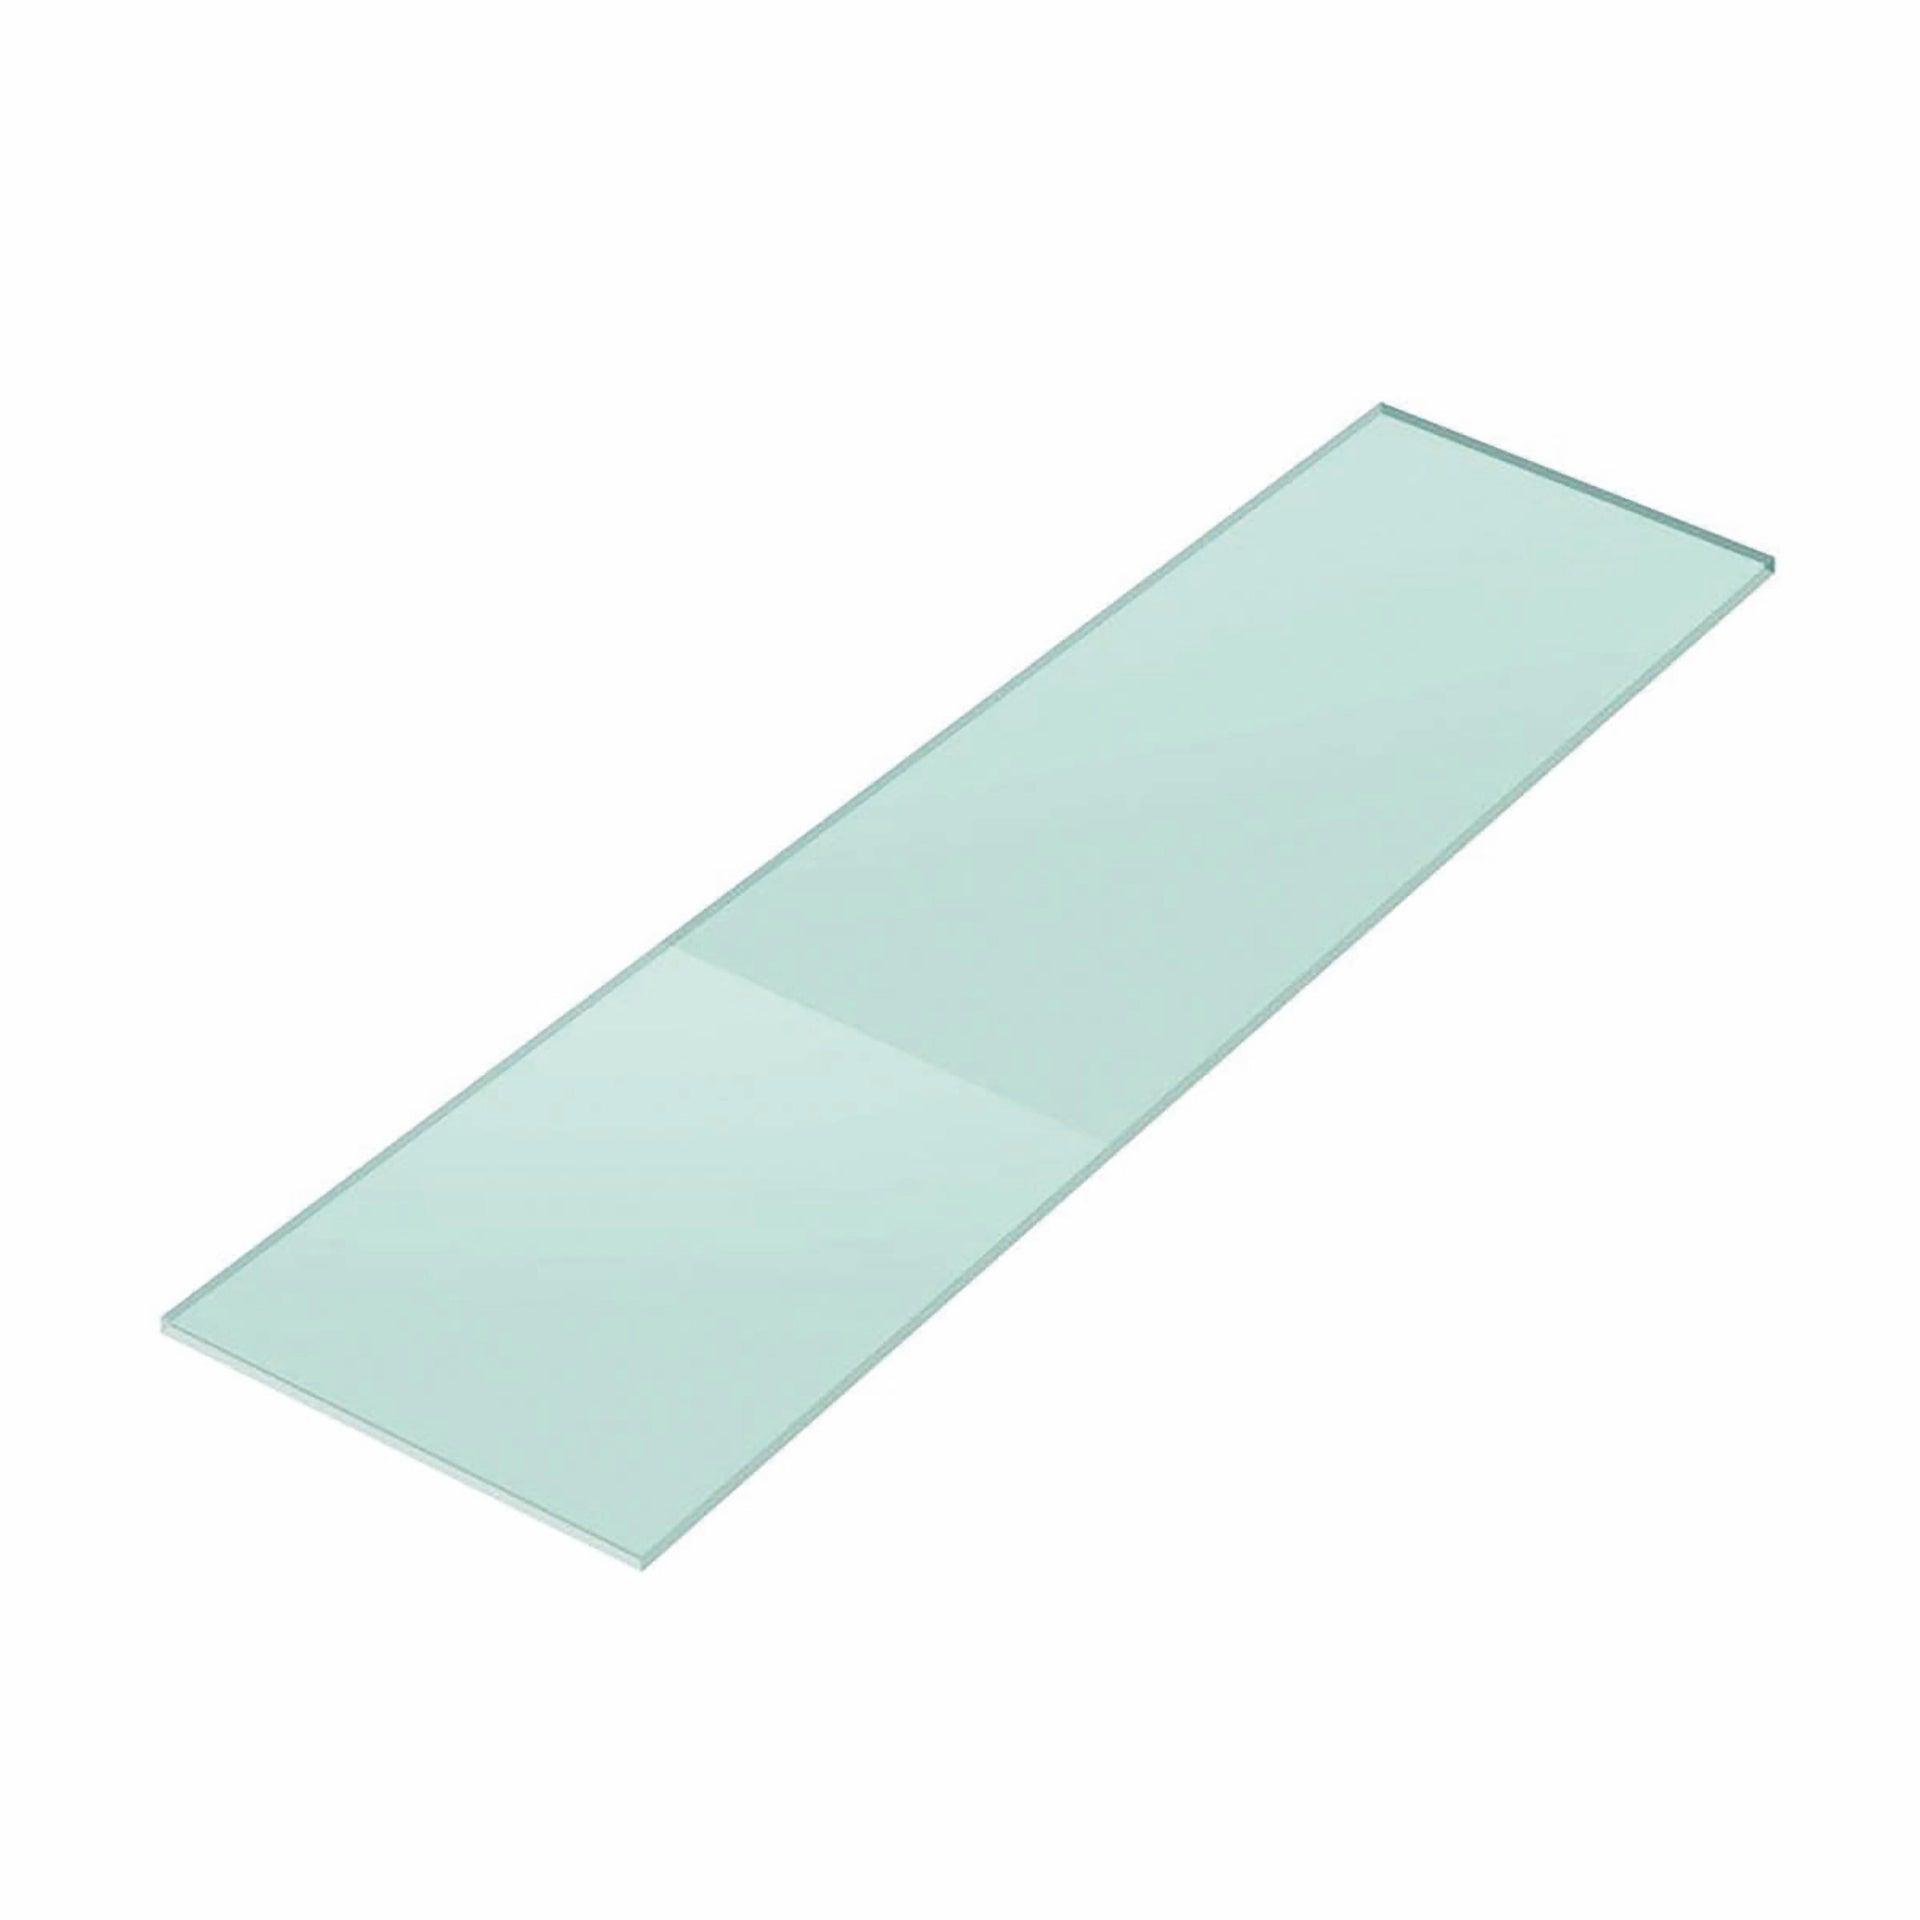 Vetro ripiano trasparente L 30 x H 100 cm, Sp 10 mm